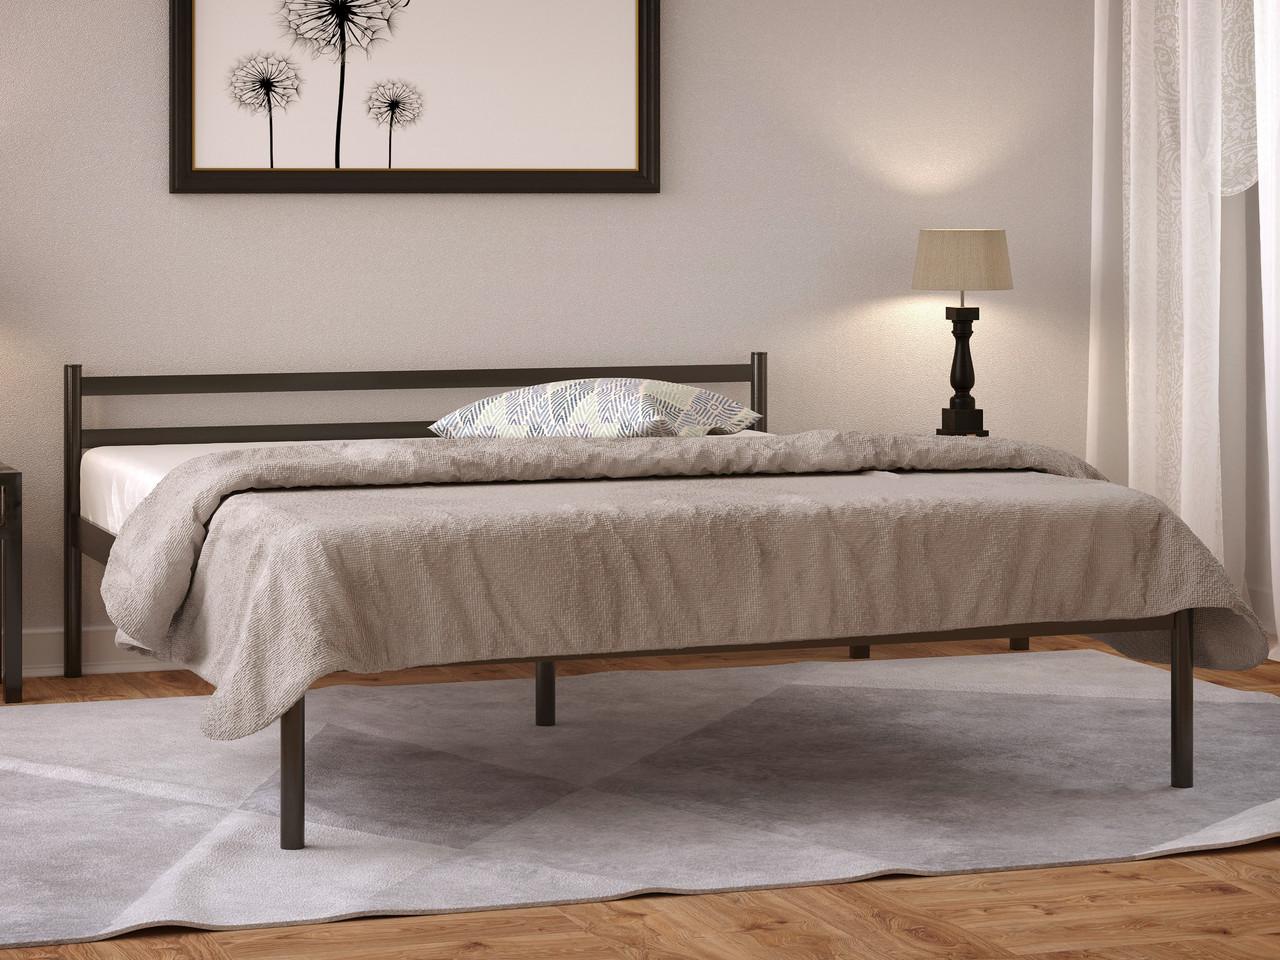 Металлическая кровать SNIKE